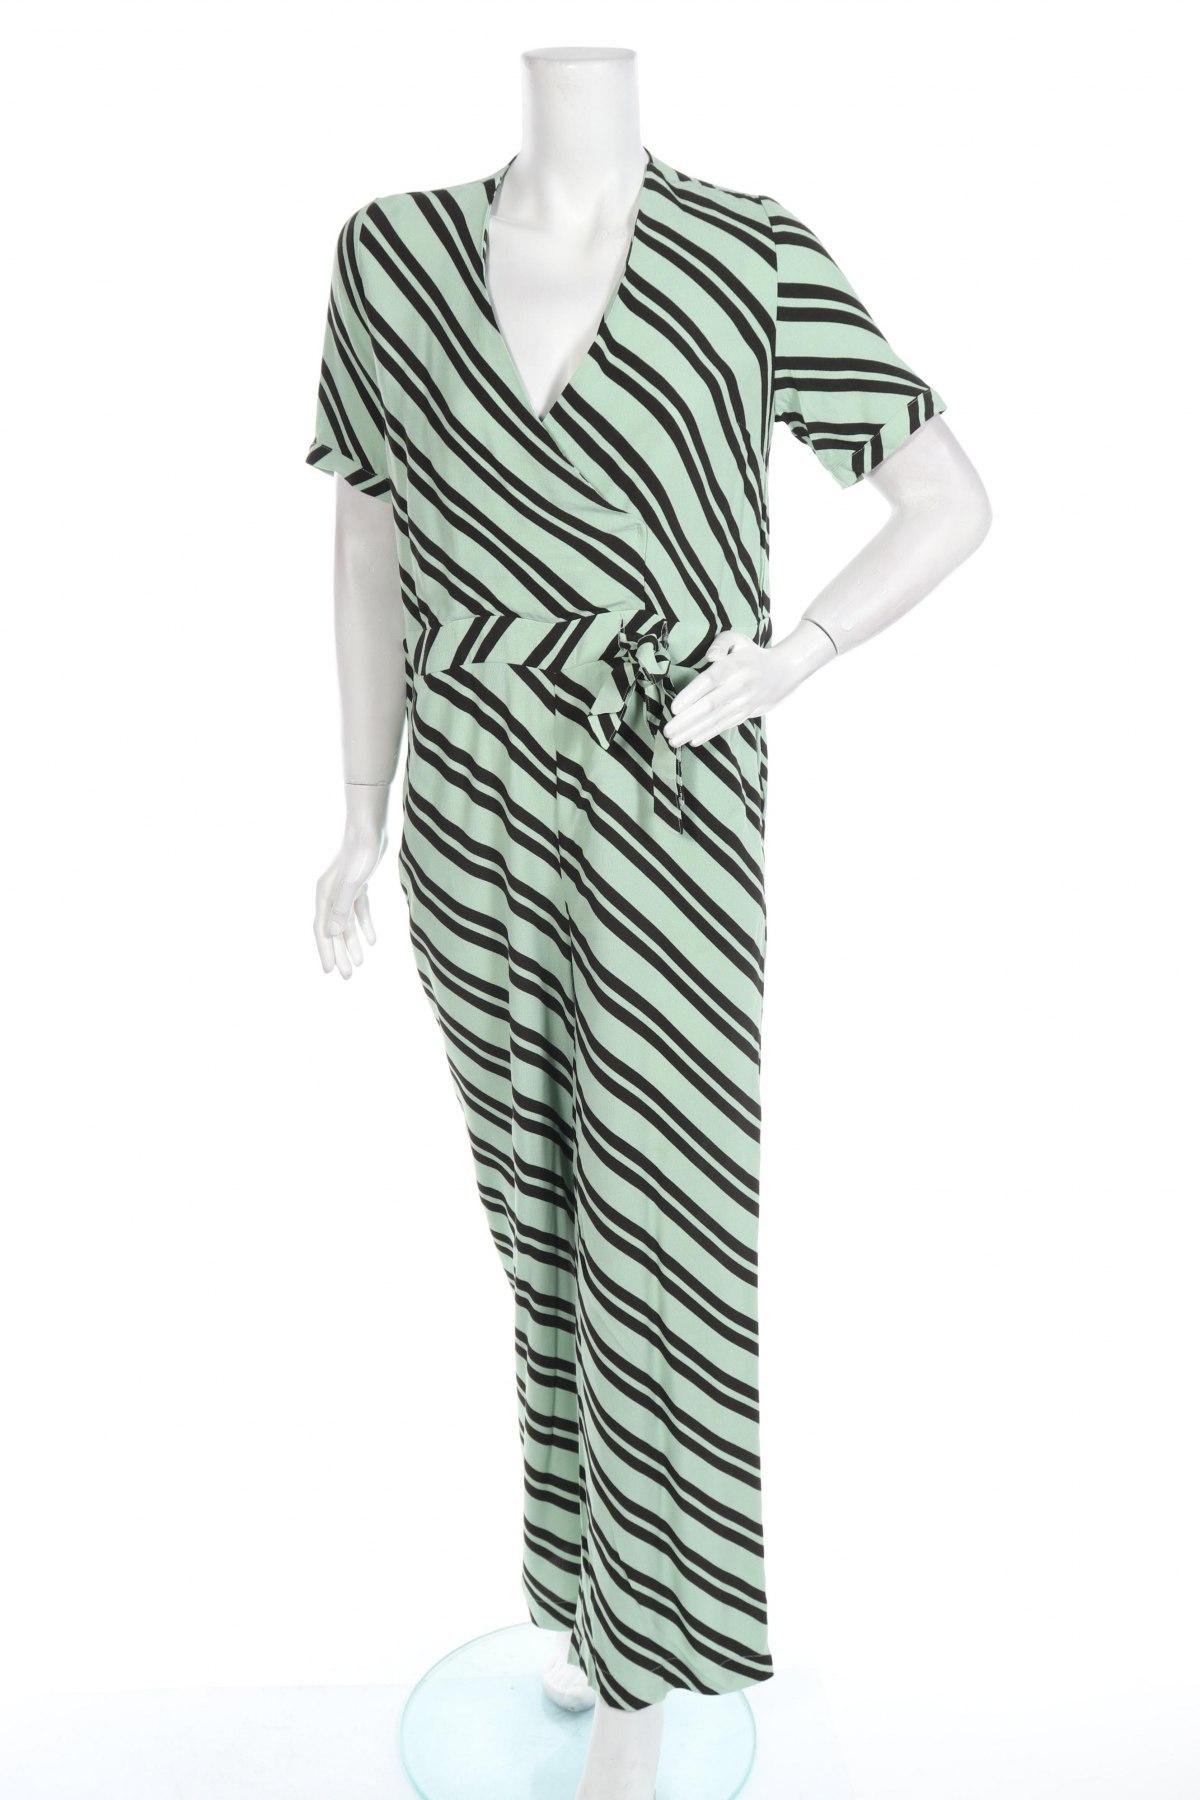 Γυναικεία σαλοπέτα Selected Femme, Μέγεθος S, Χρώμα Πράσινο, Βισκόζη, Τιμή 35,83€